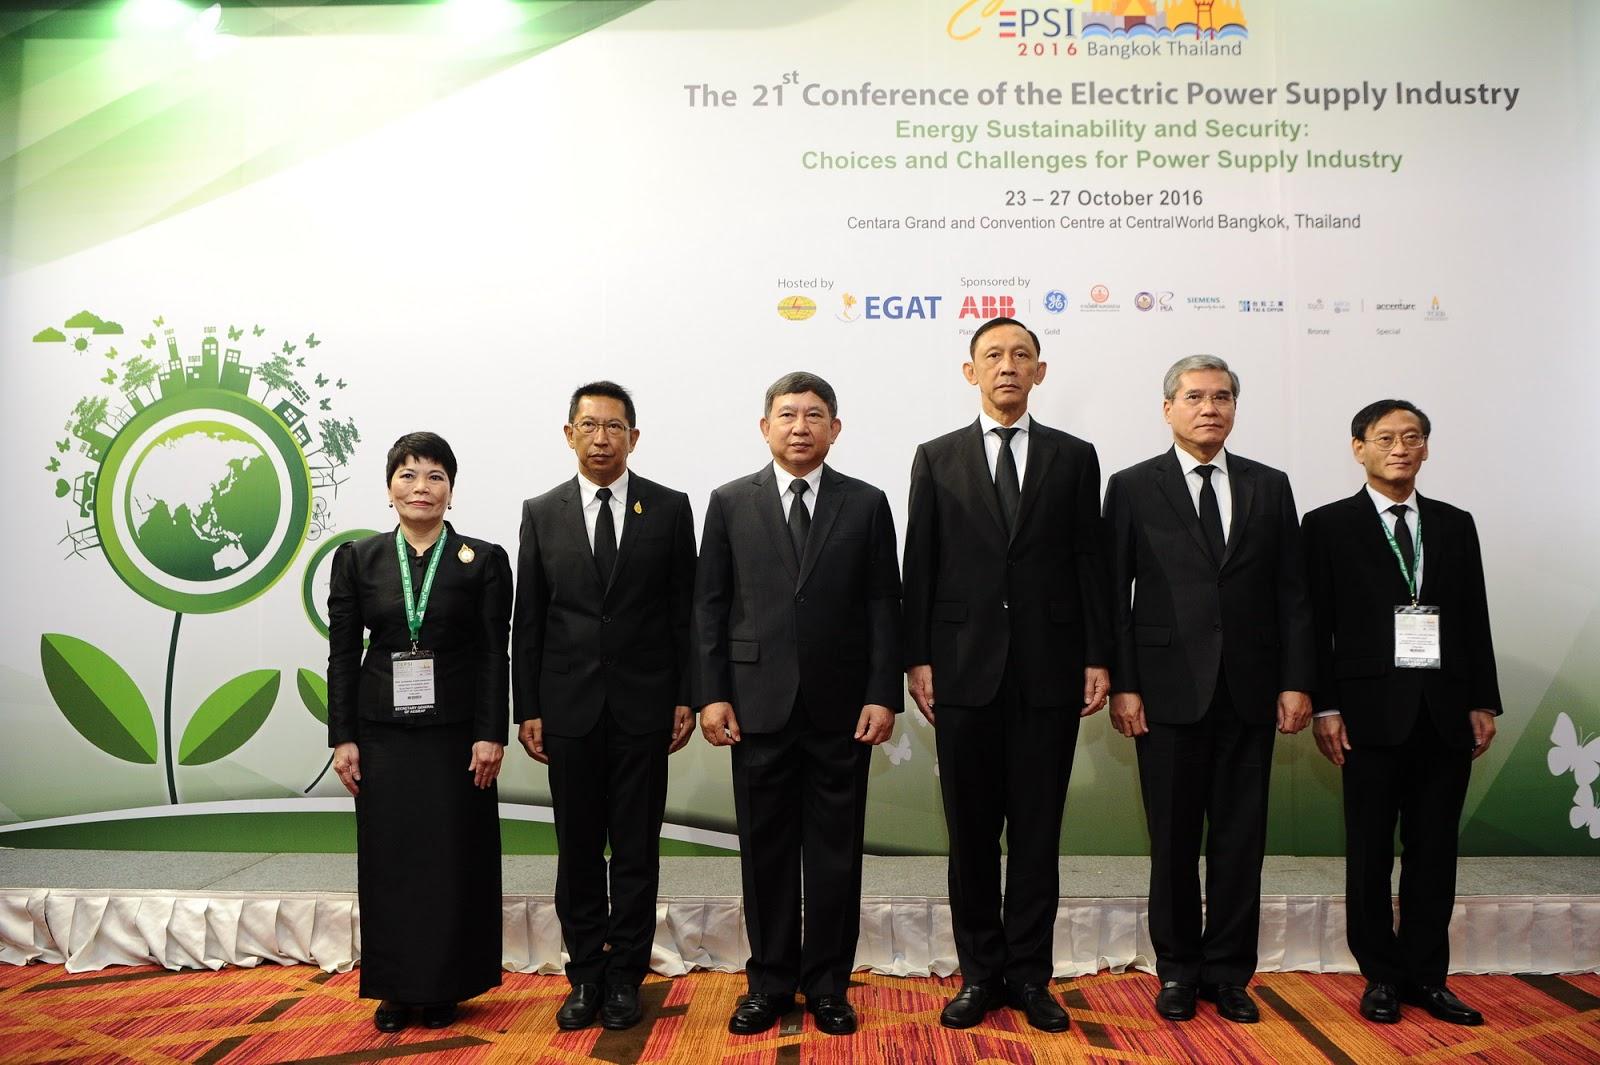 http://www.bangkokexpress.net/news/energyandenvironment